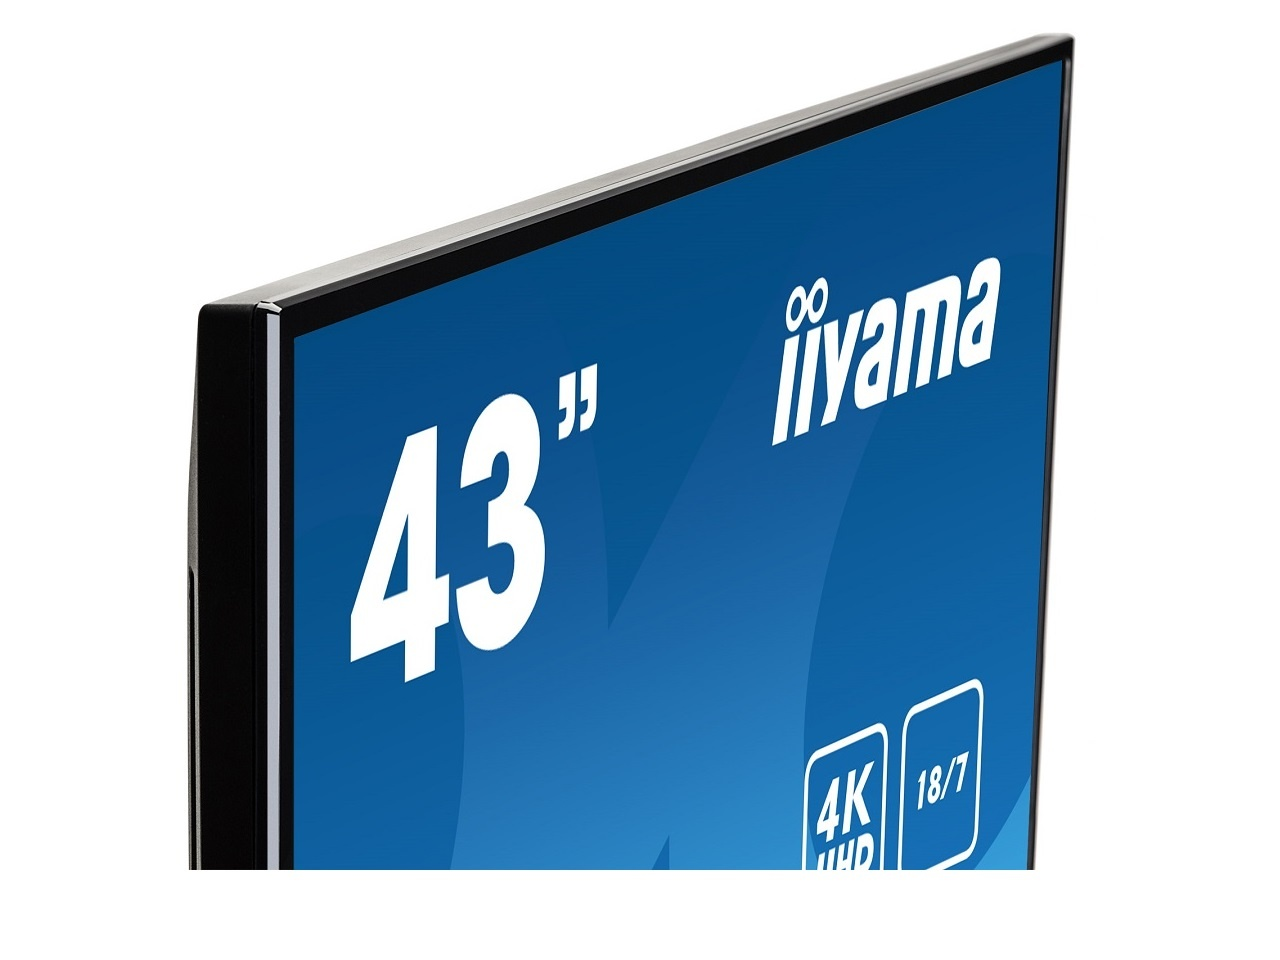 """18/7 digital signage kijelző, 43"""" megjelenítő"""